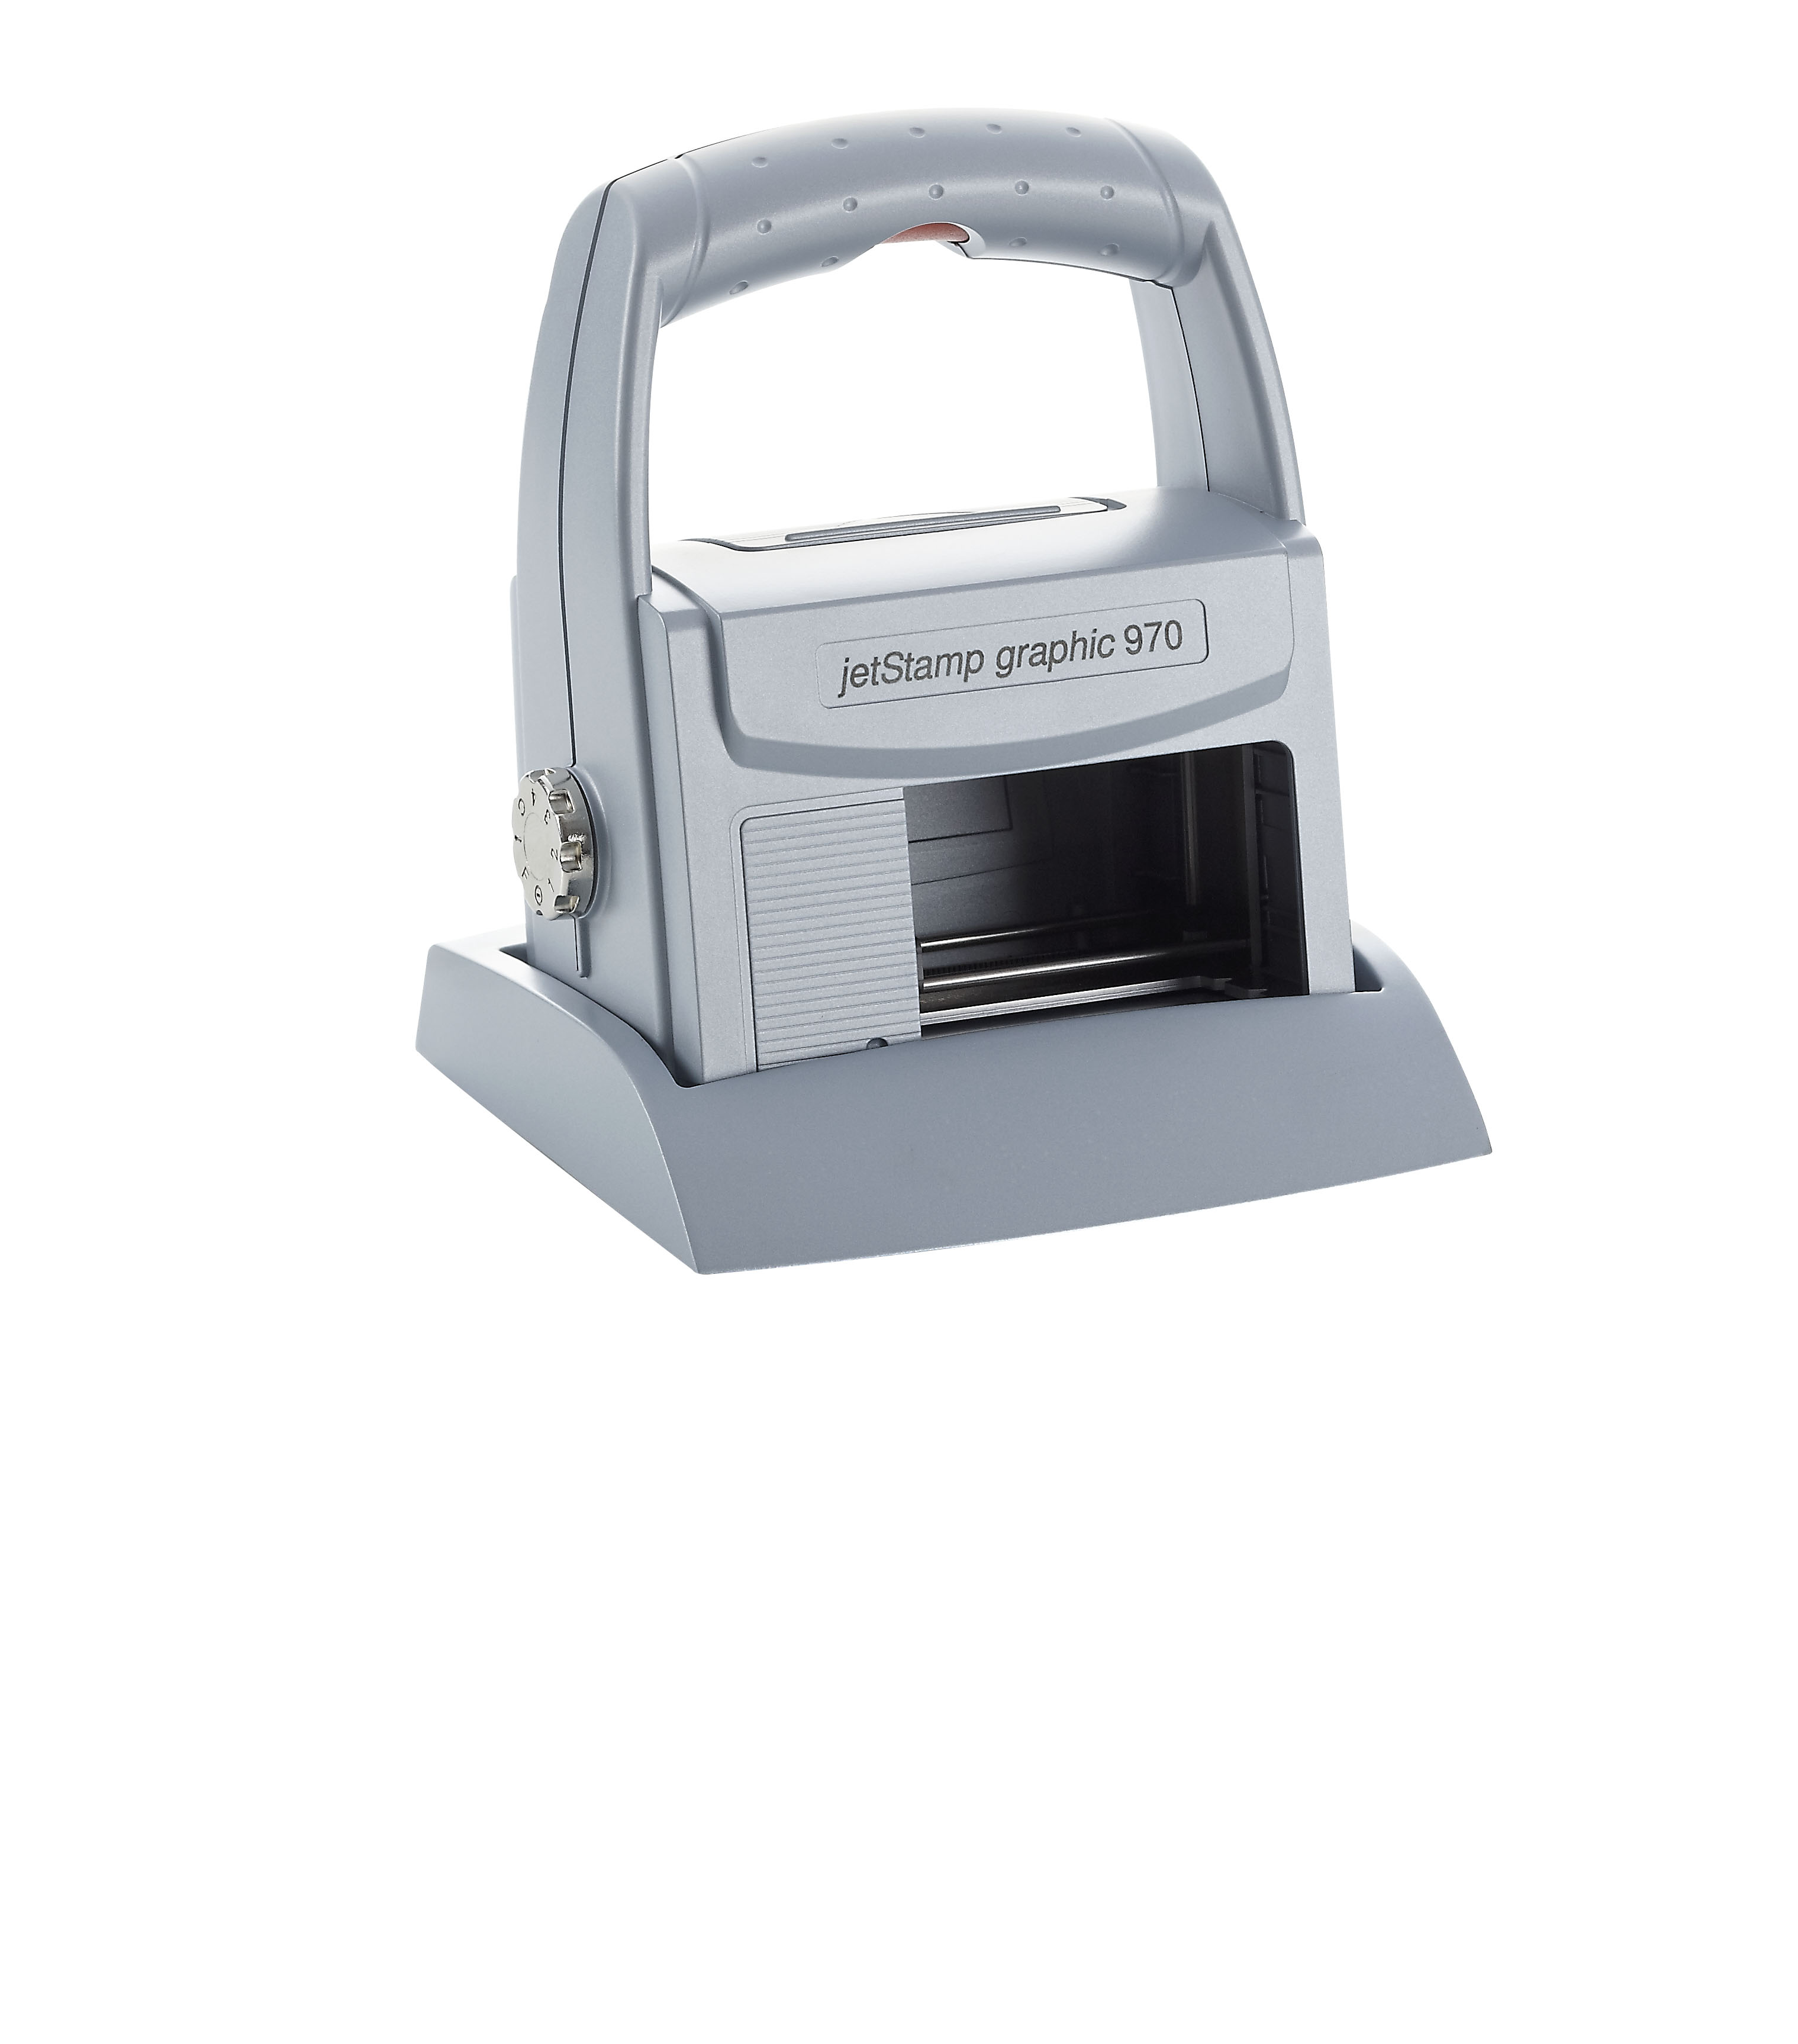 De jetStamp graphic 970 is een met de hand te bedienen inktjetstempel die documenten en producten sn...